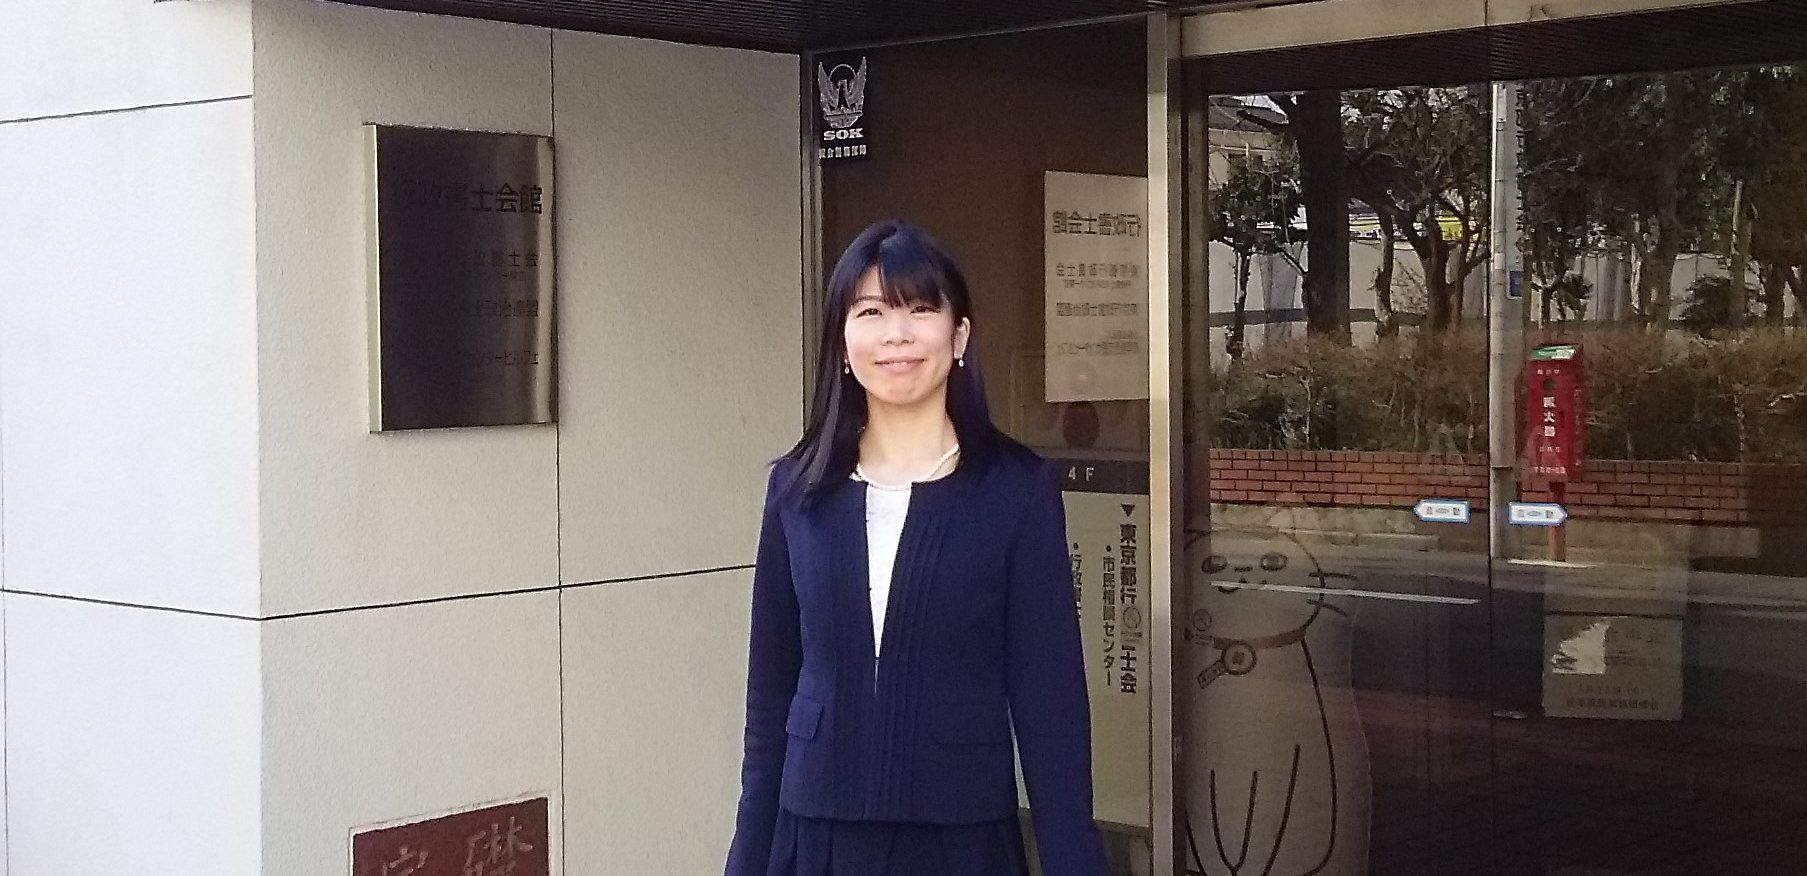 練馬の行政書士共同事務所の川瀬奈津子です